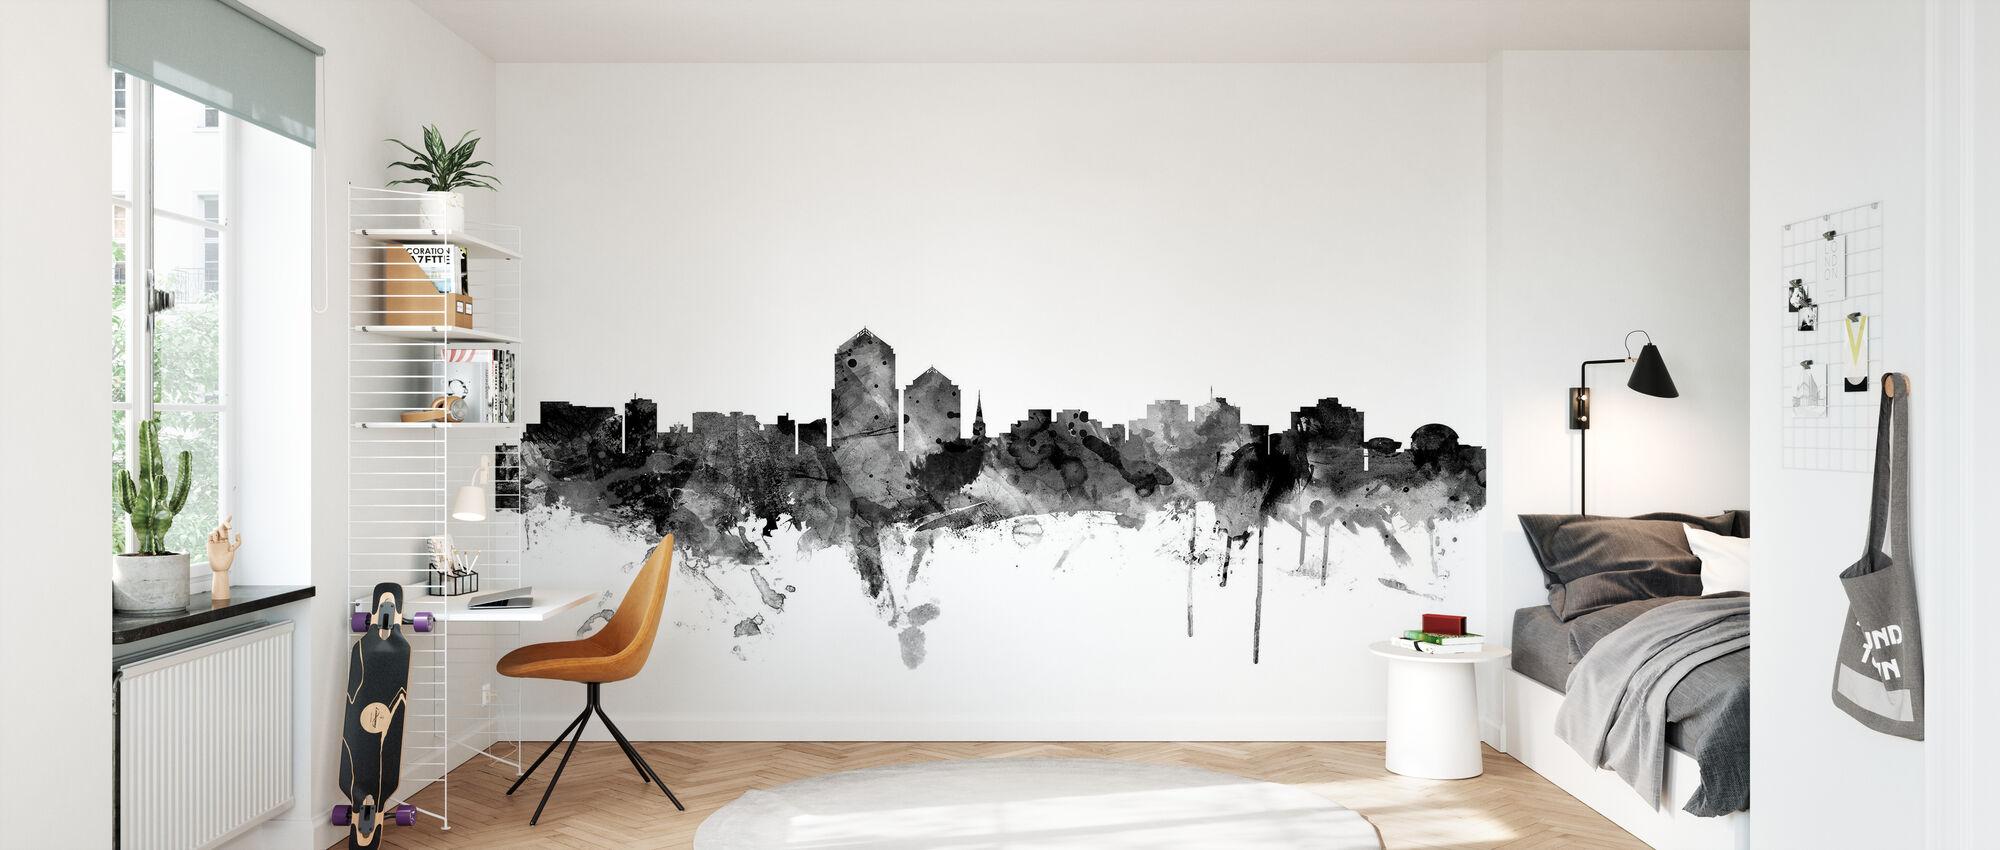 Albuquerque New Mexico Skyline Black - Wallpaper - Kids Room